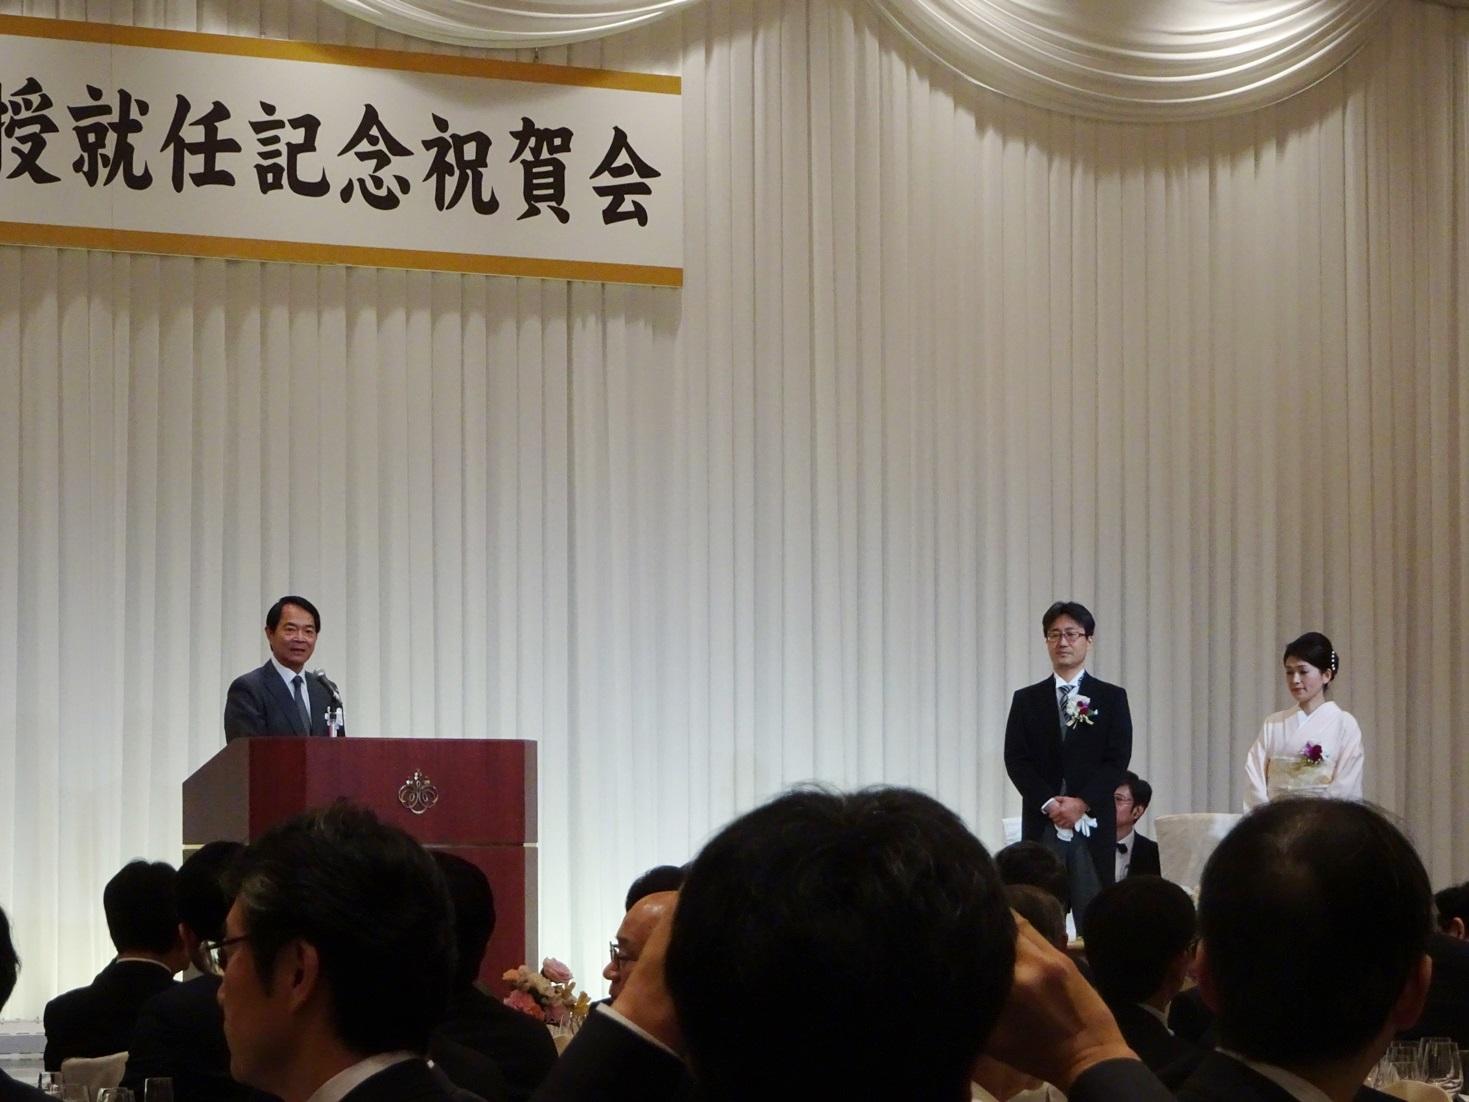 前田嘉信教授就任記念祝賀会2